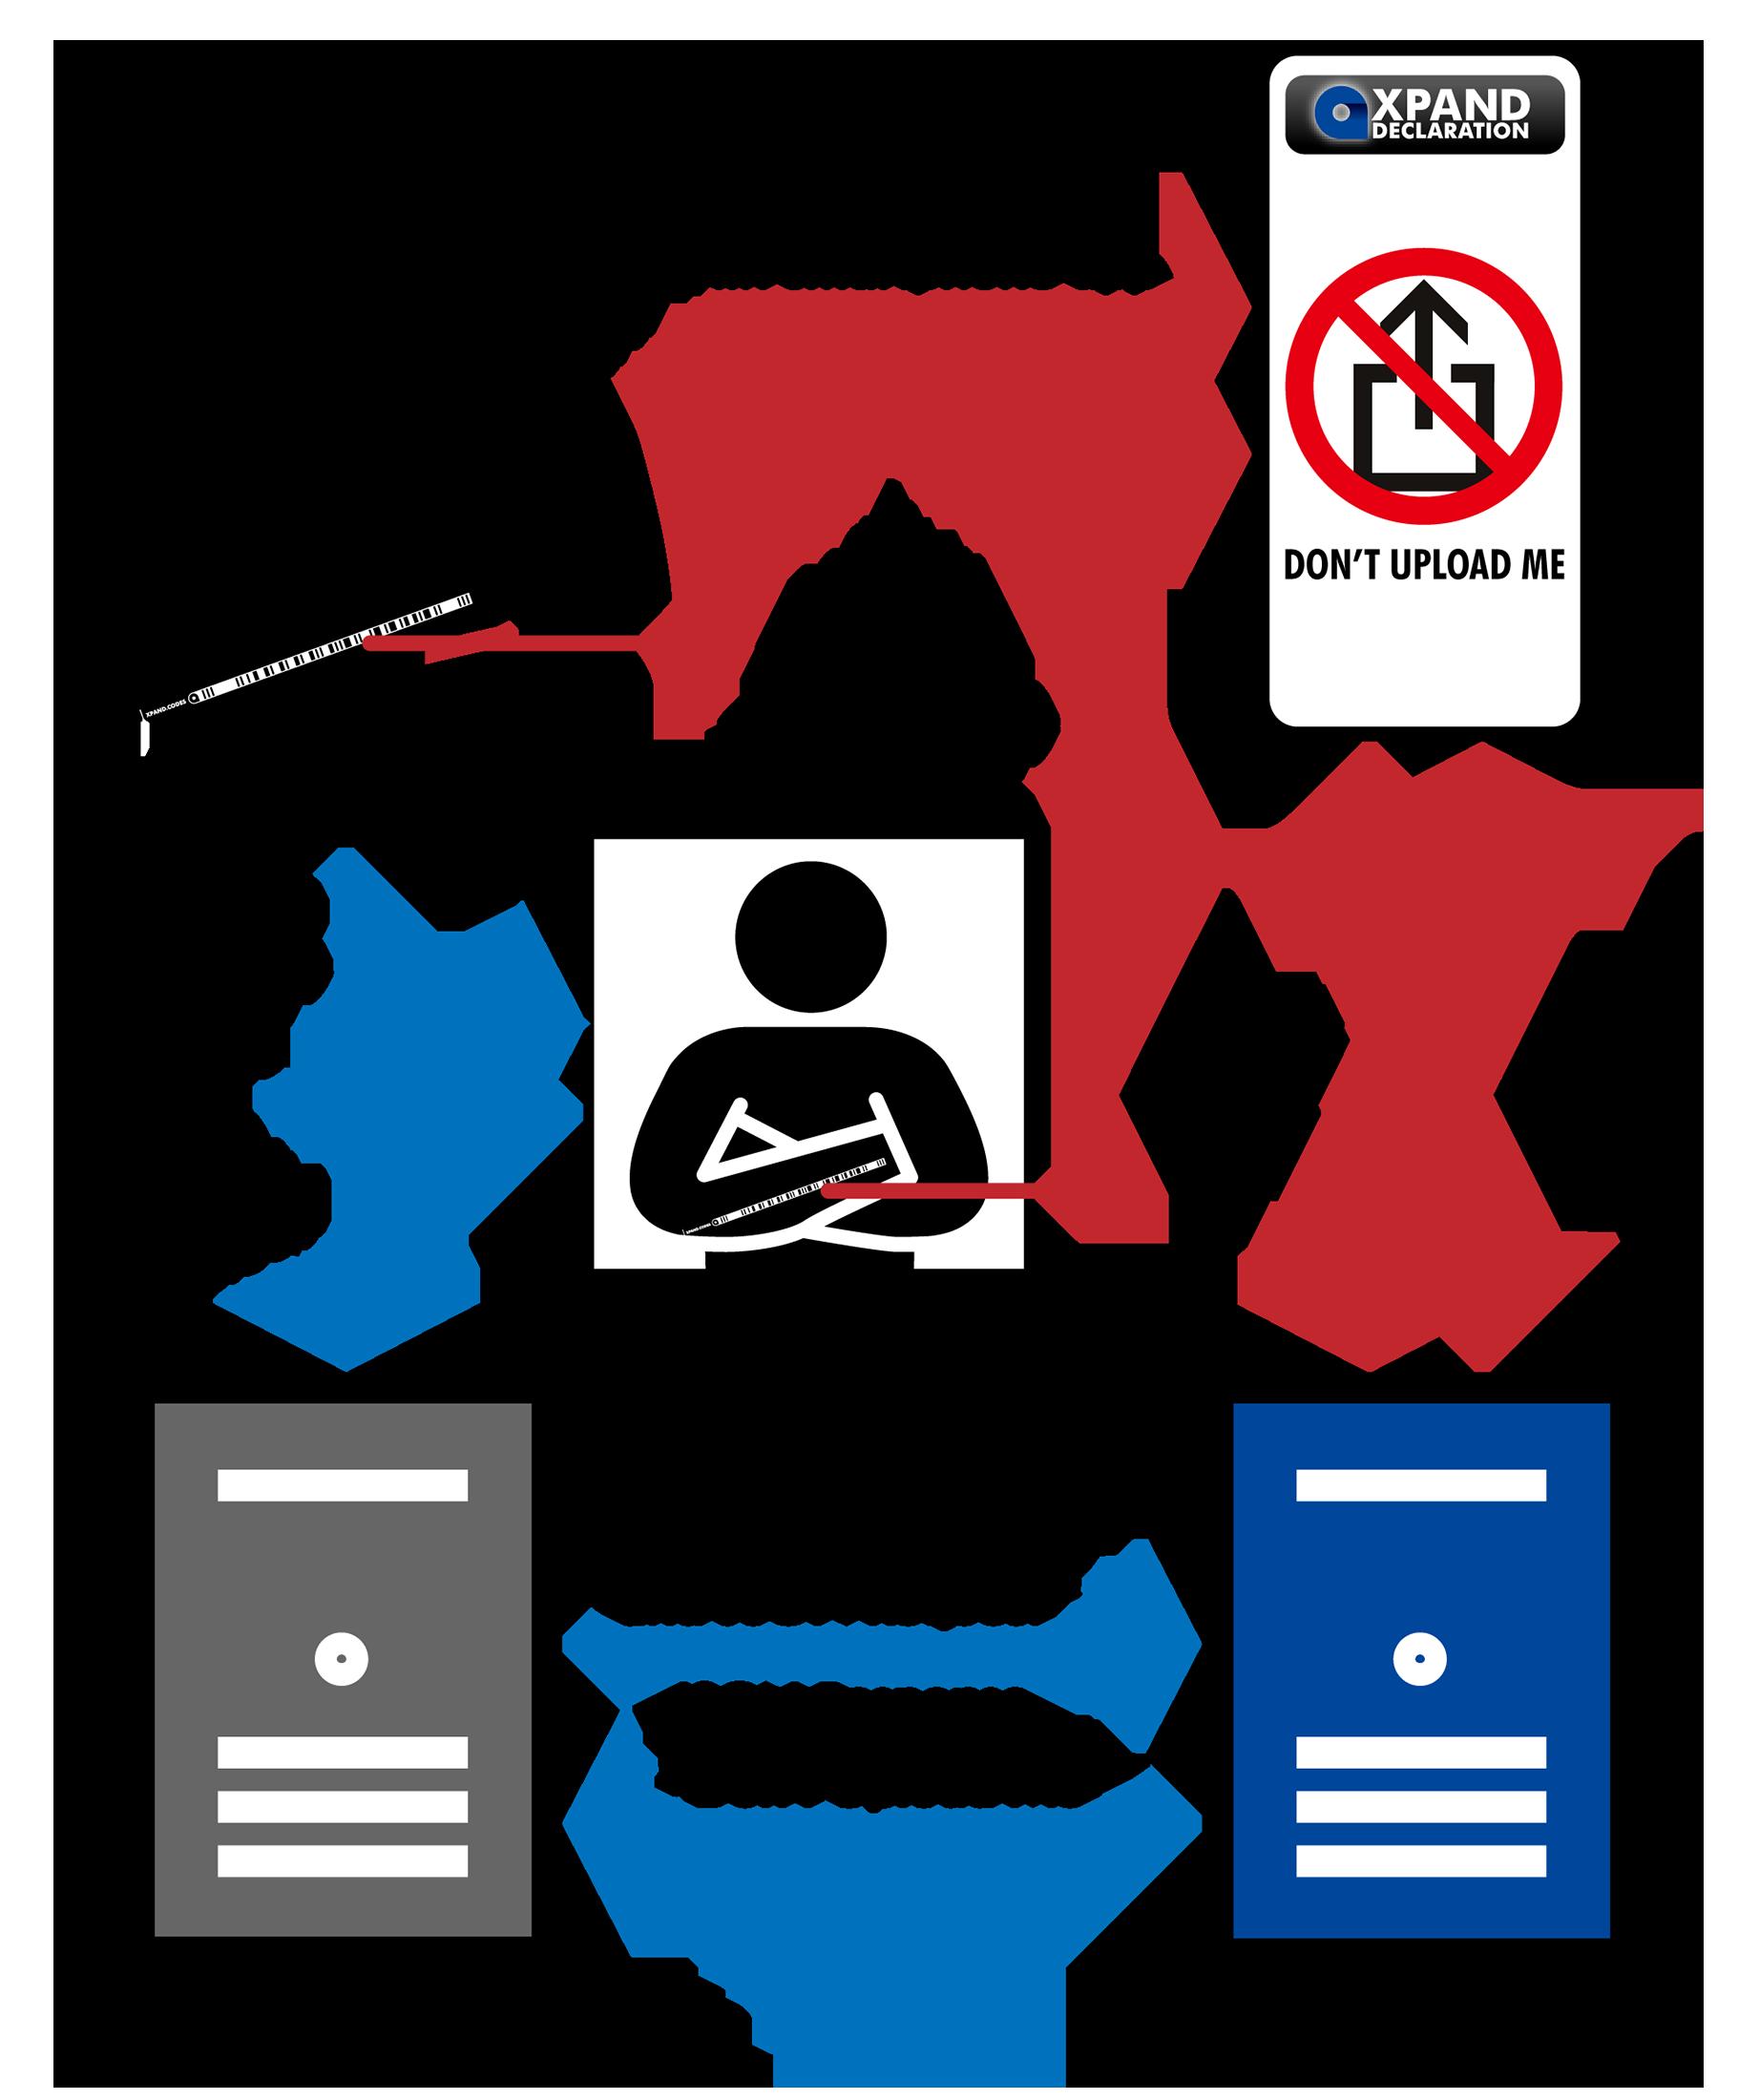 Service - XPAND Declaration